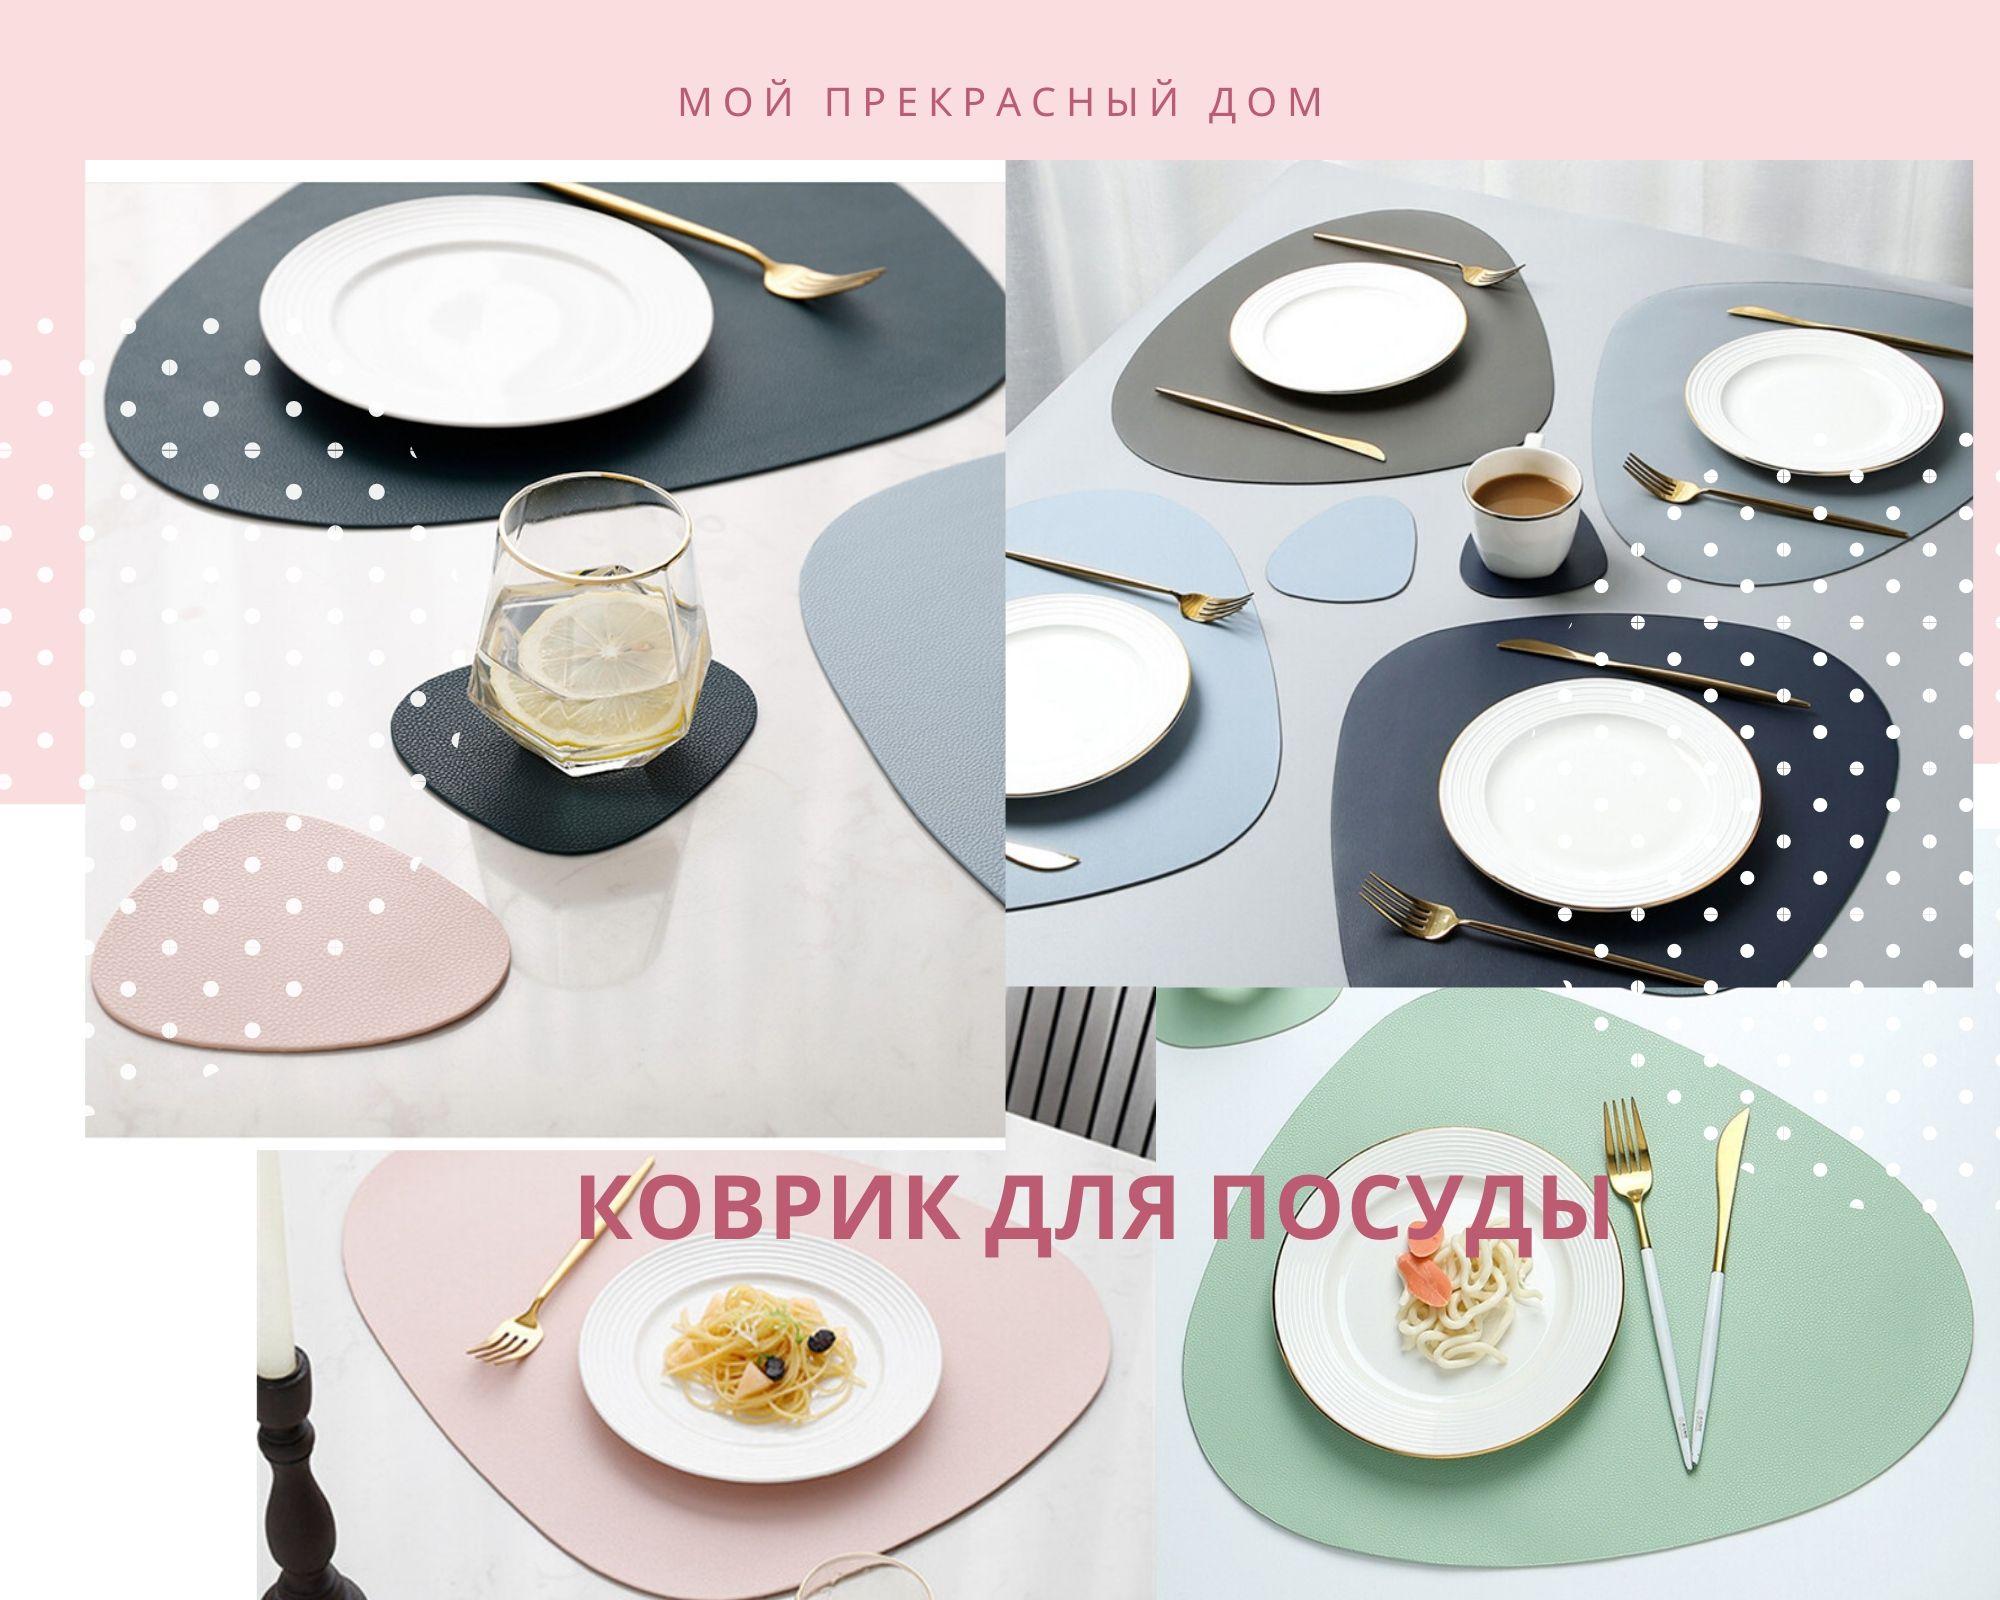 Коврик для посуды